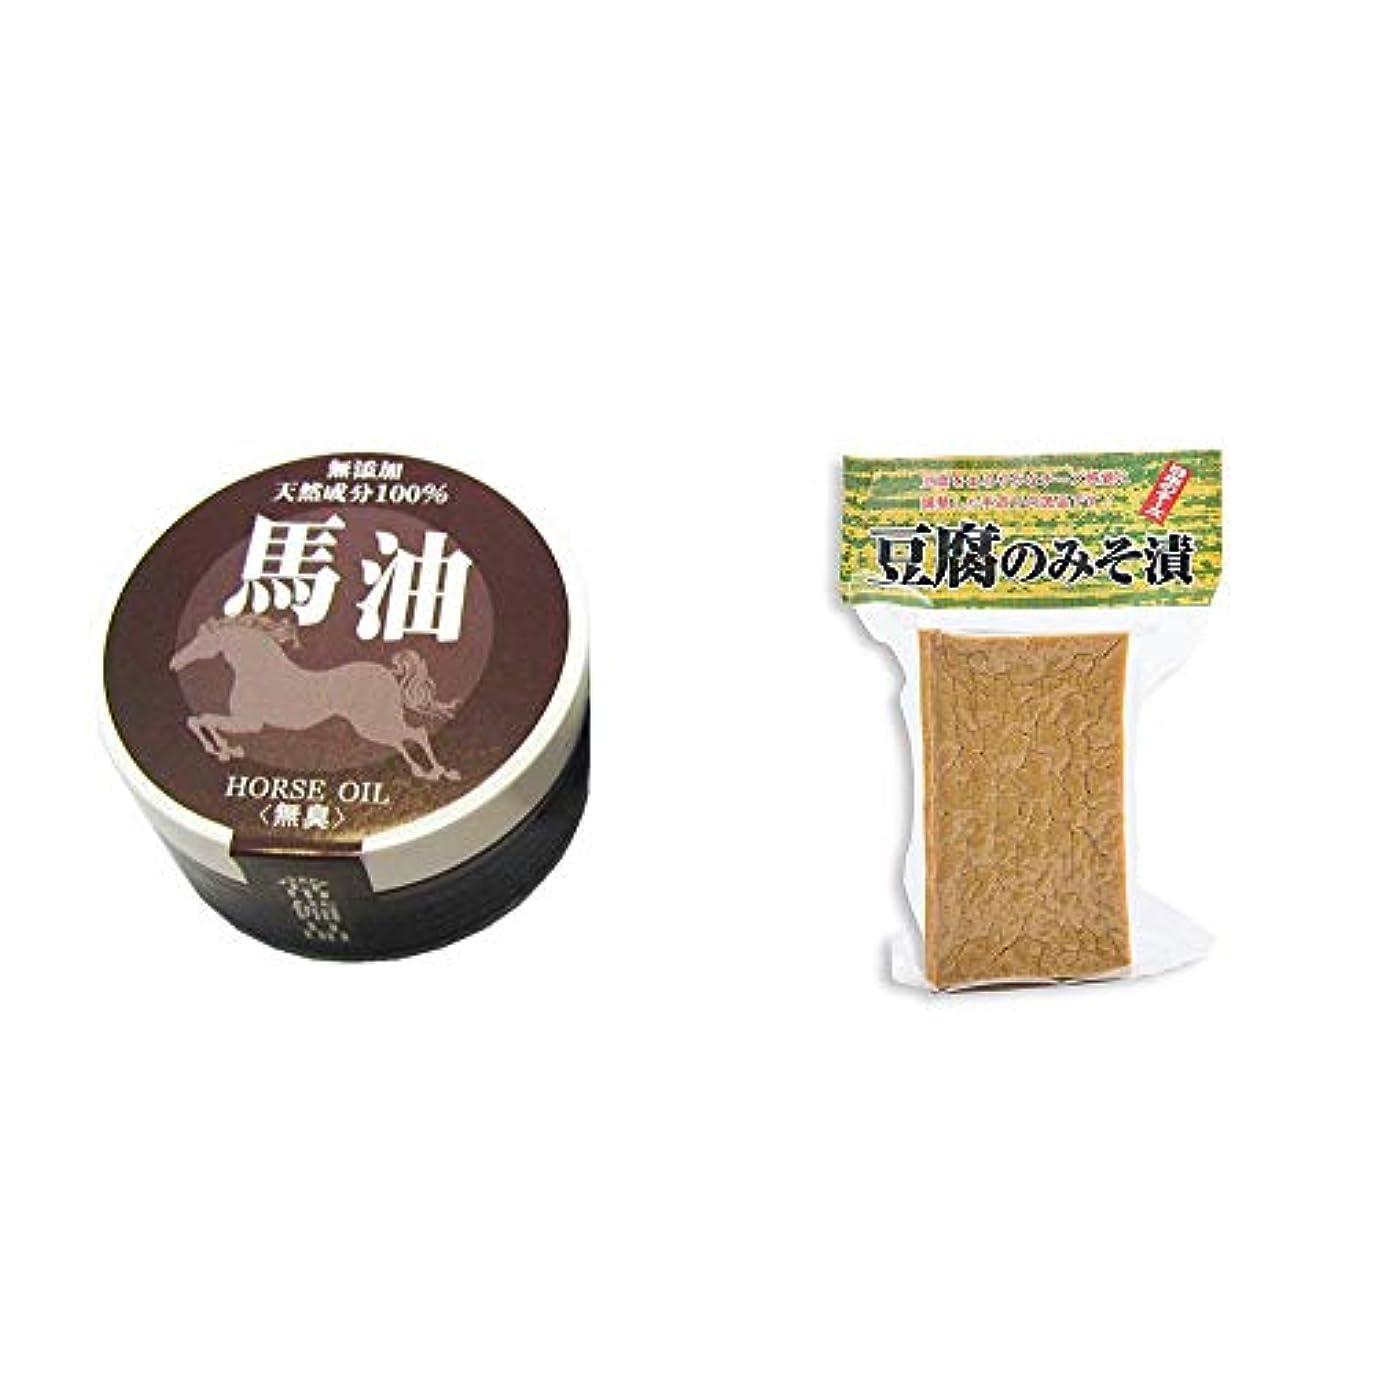 欠乏アカウントパスポート[2点セット] 無添加天然成分100% 馬油[無香料](38g)?日本のチーズ 豆腐のみそ漬(1個入)